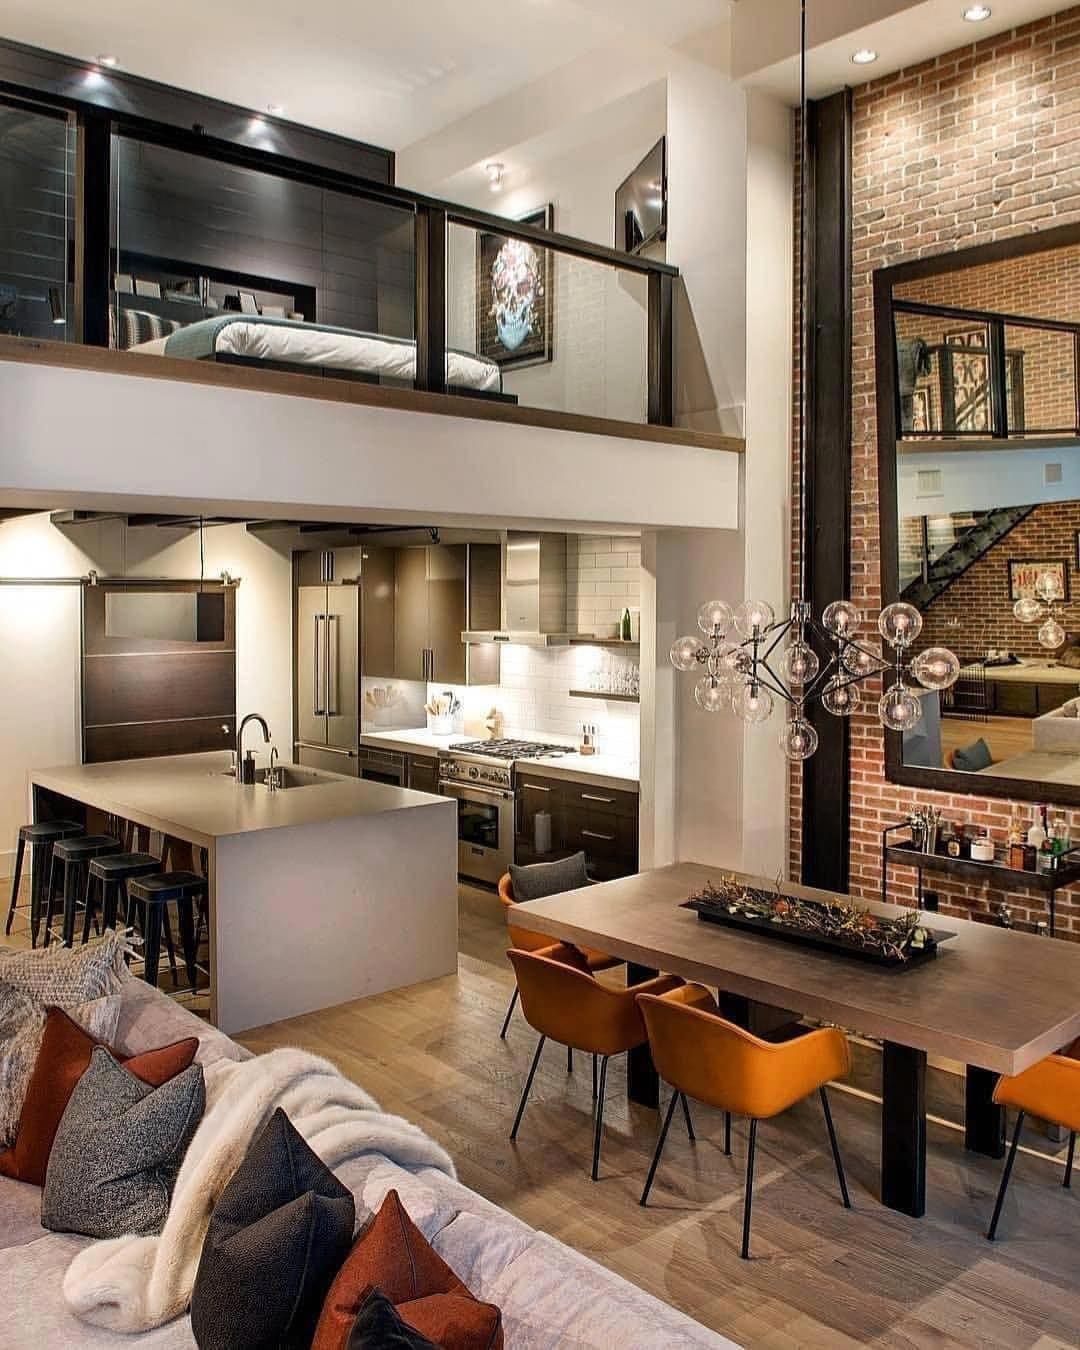 Que Maravilhoso Esse Loft Projeto Denton House Design Conheca Tambe Casaspequenas Loft Interior Design Loft Interiors Loft Living